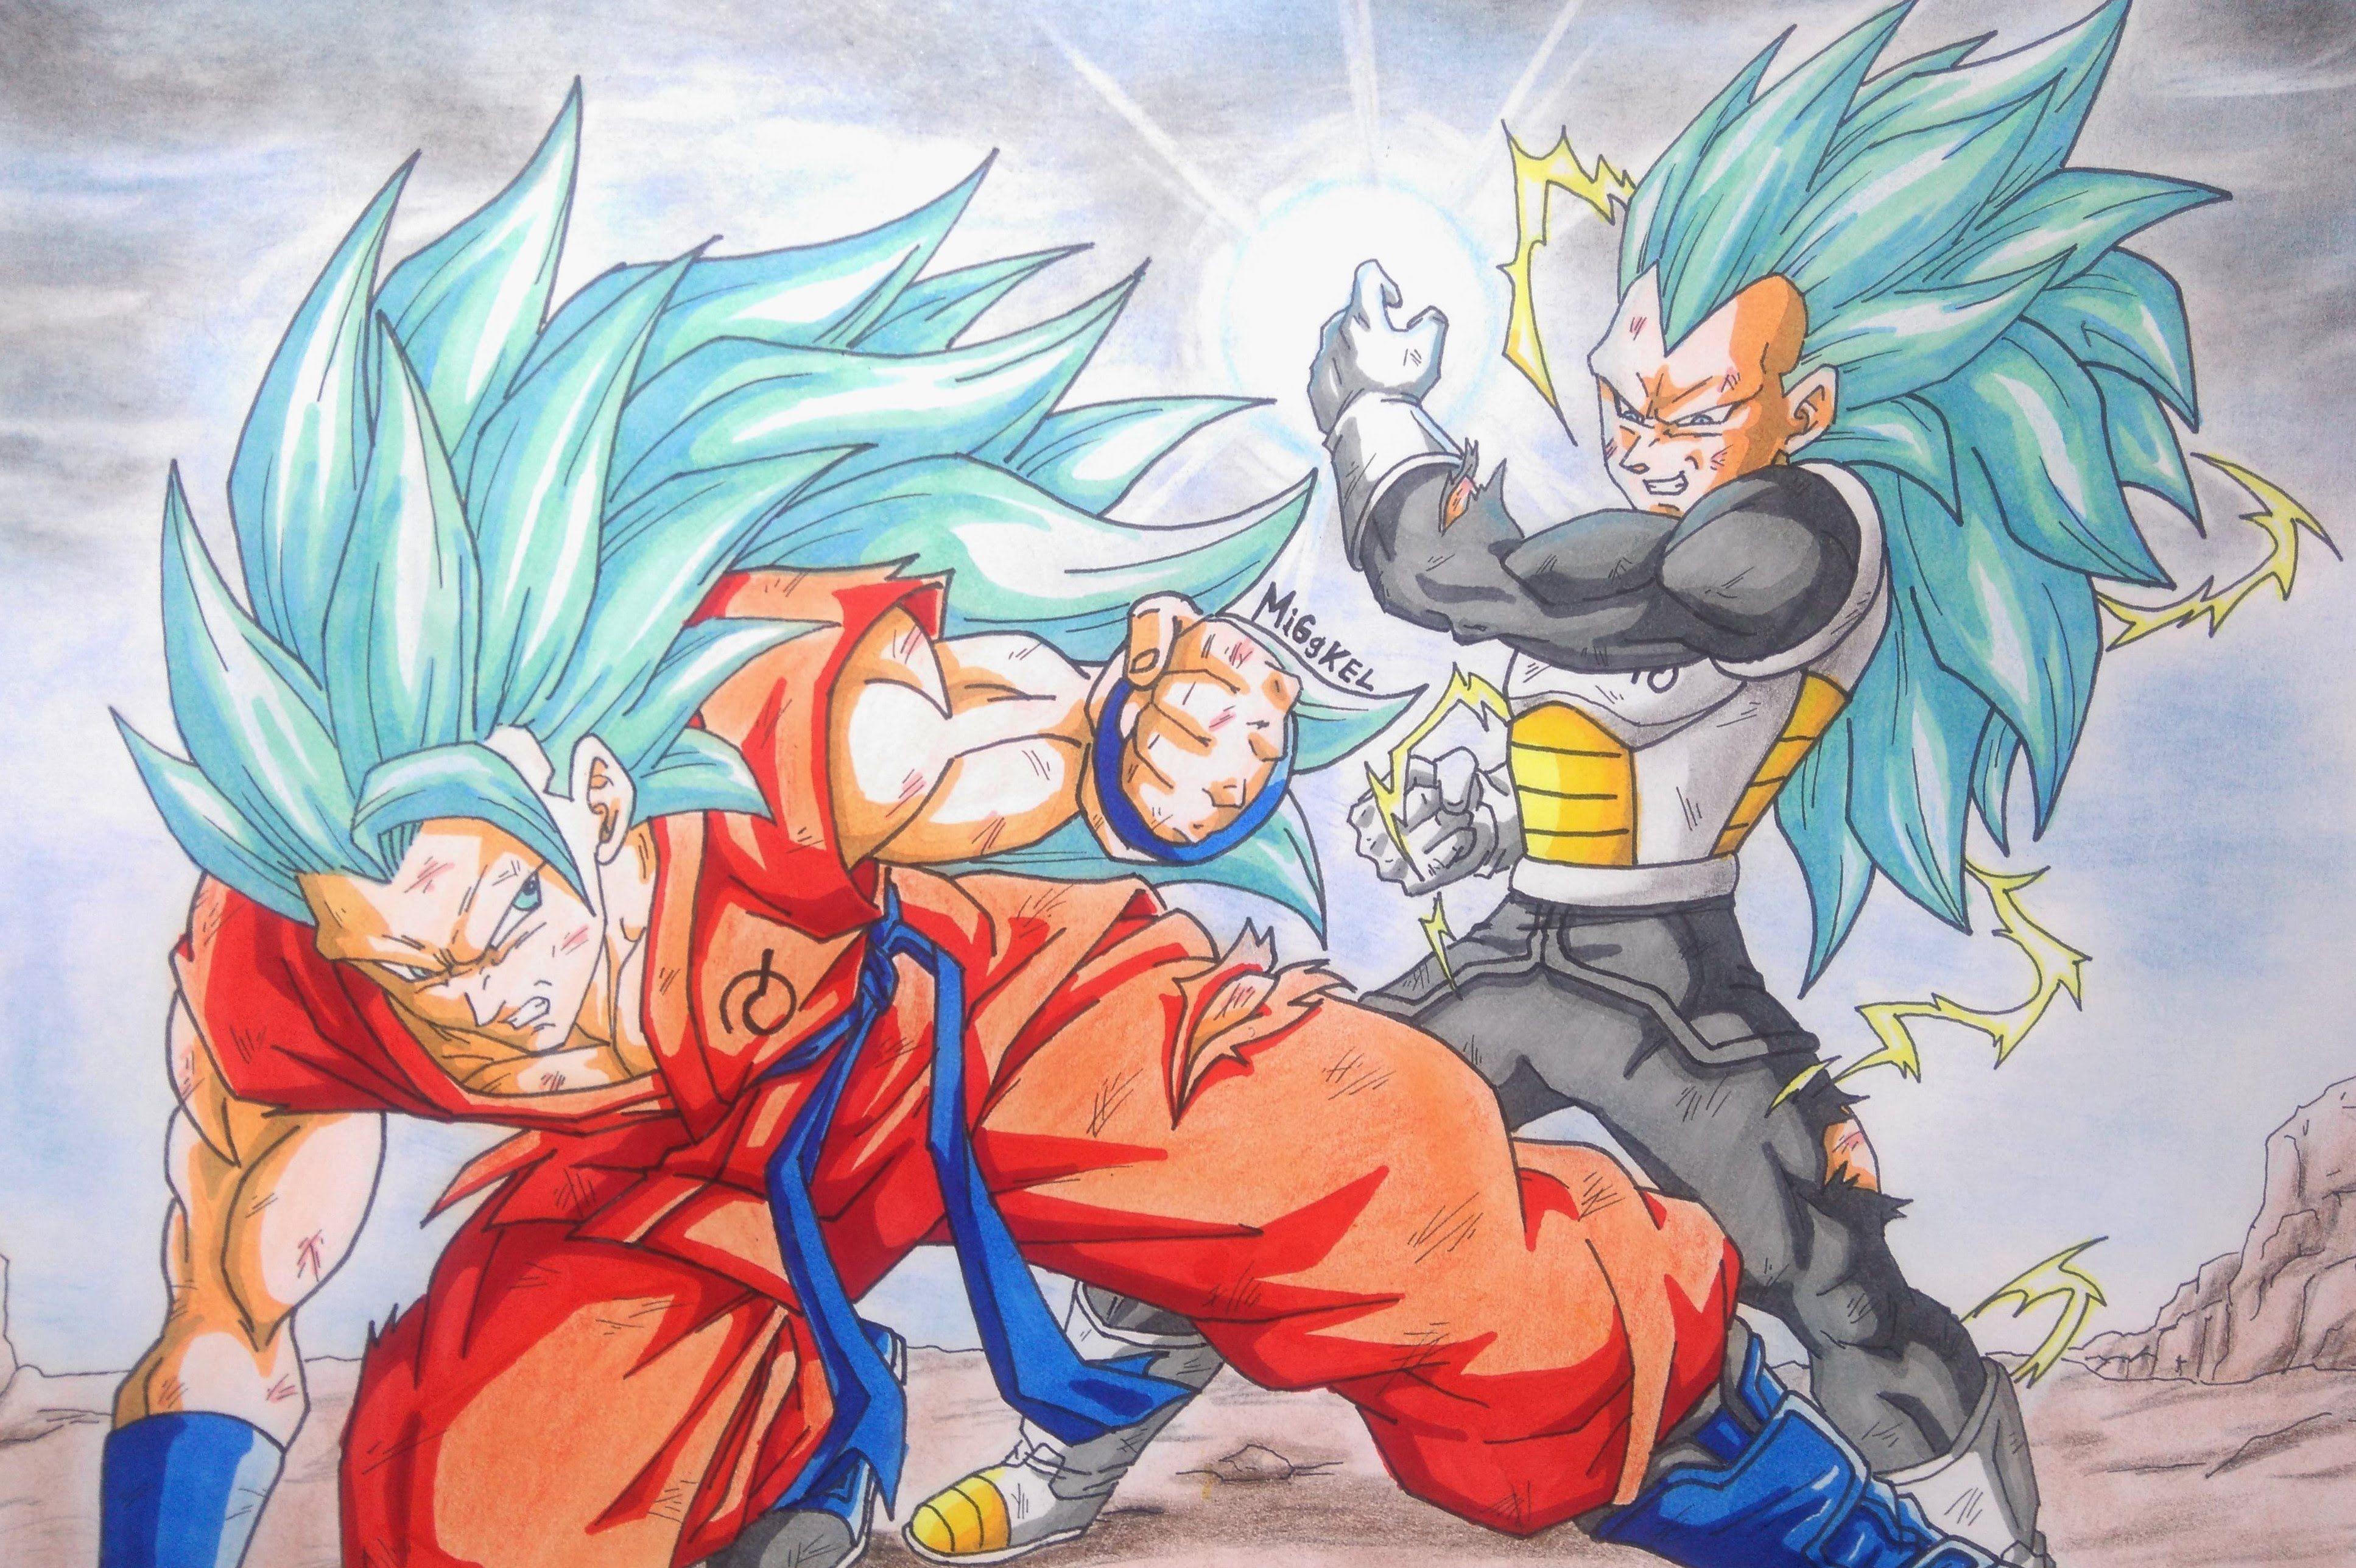 Vegeta Ssj Para Dibujar: Como Dibujar A Goku VS Vegeta SSj God SSj Fase 3. How To